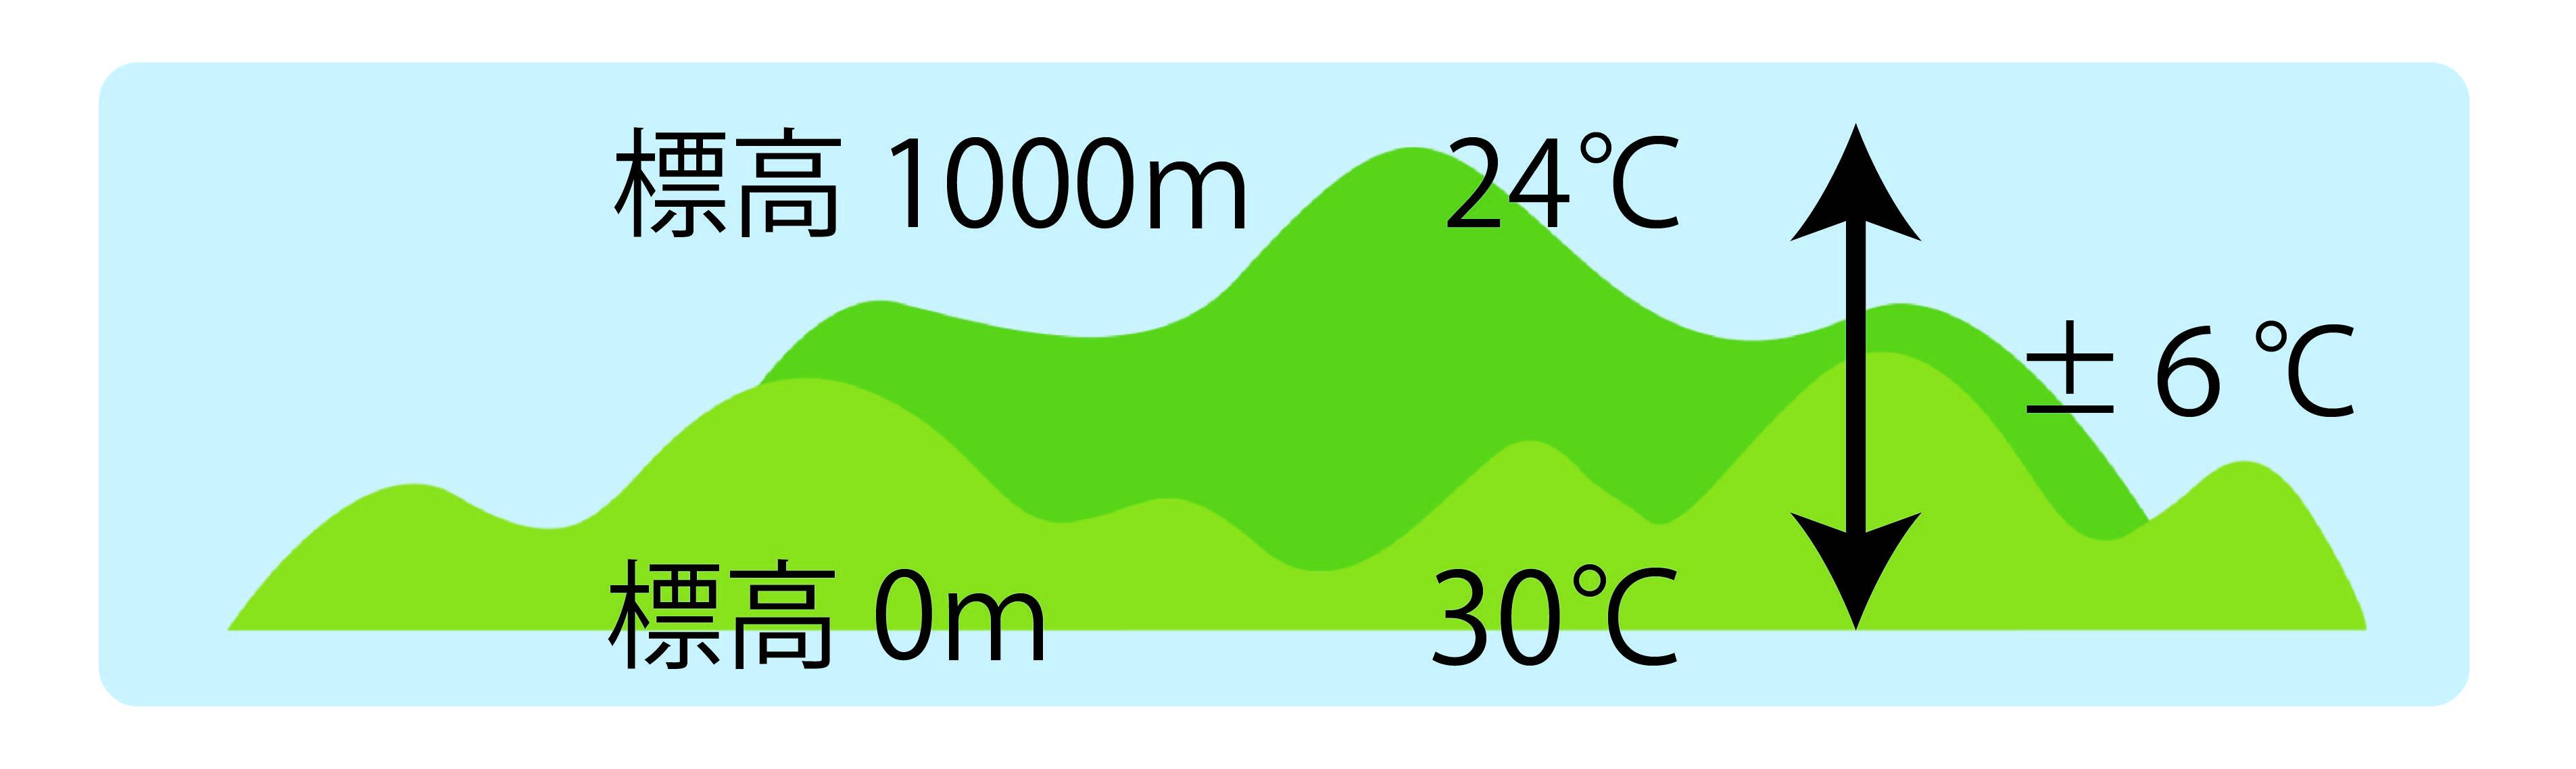 #001初心者向けの夏の寝袋の選び方-04